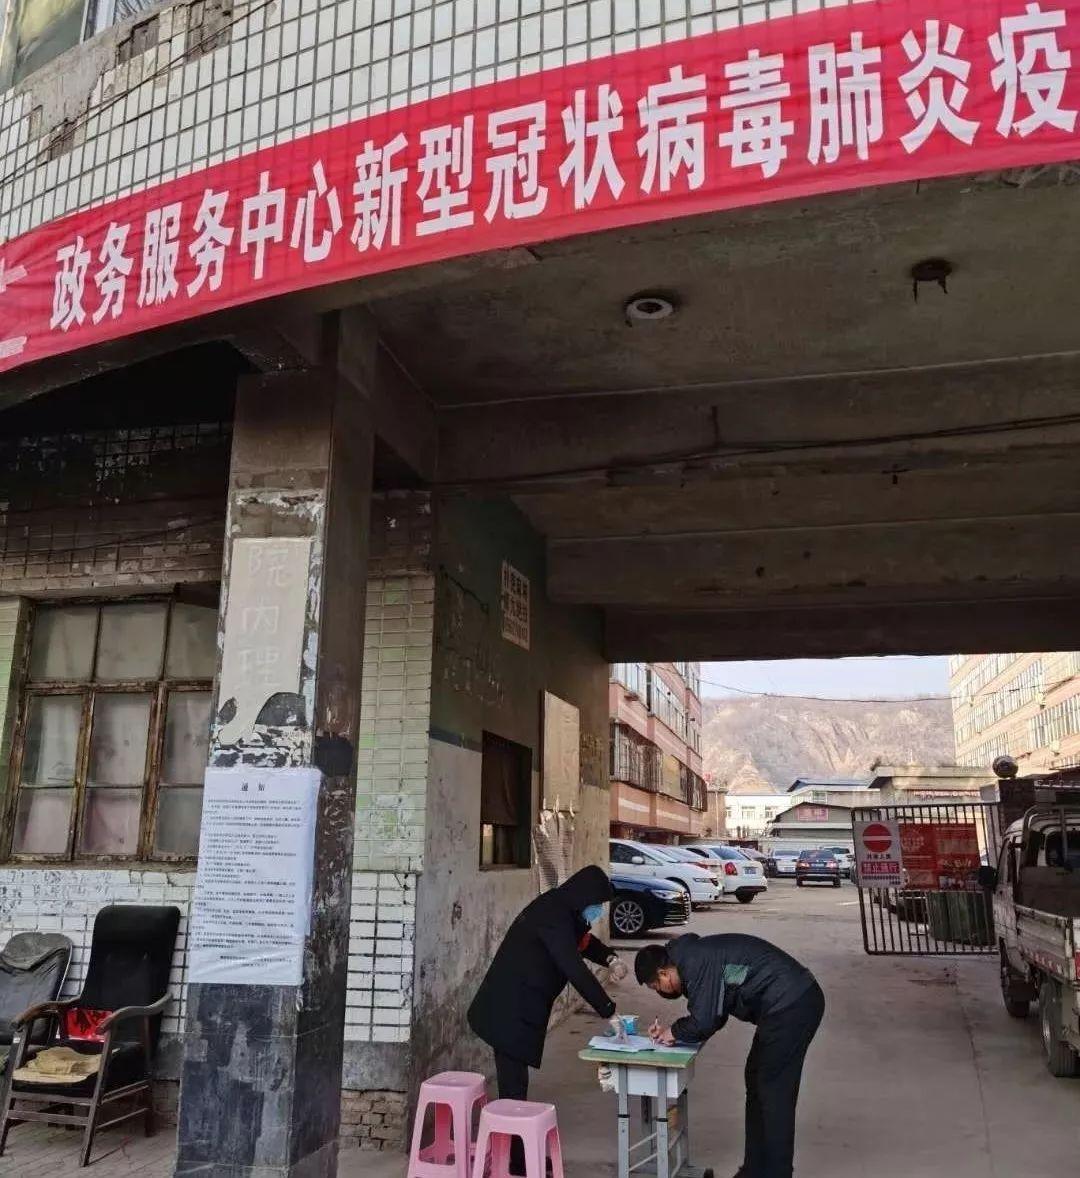 吉县Gdp_武汉确定今年发展主要目标GDP增长7.5%至7.8%